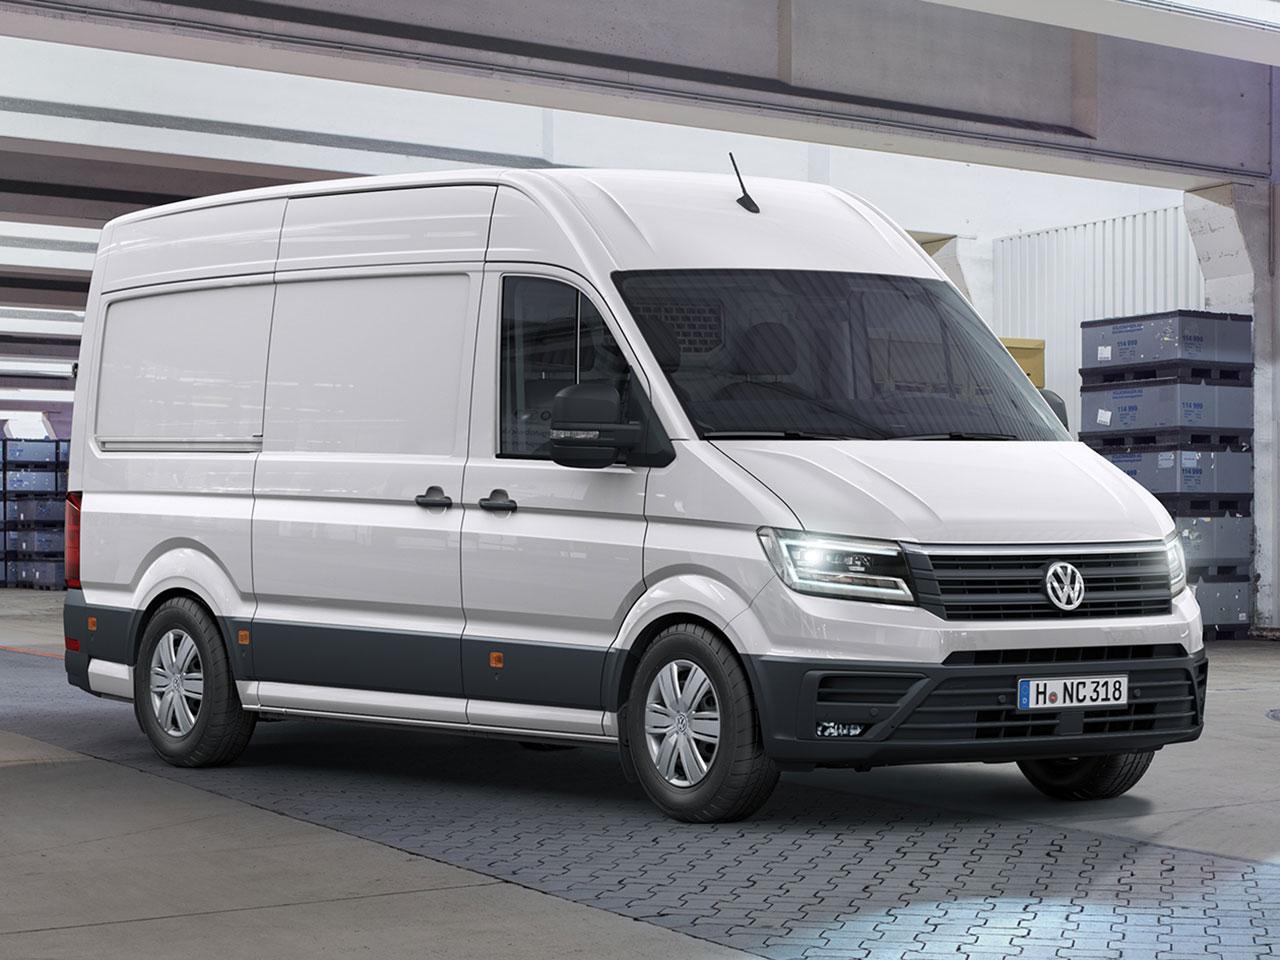 Volkswagen Crafter 2021 Descripcion General Precios Y Fichas Tecnicas Autobild Es